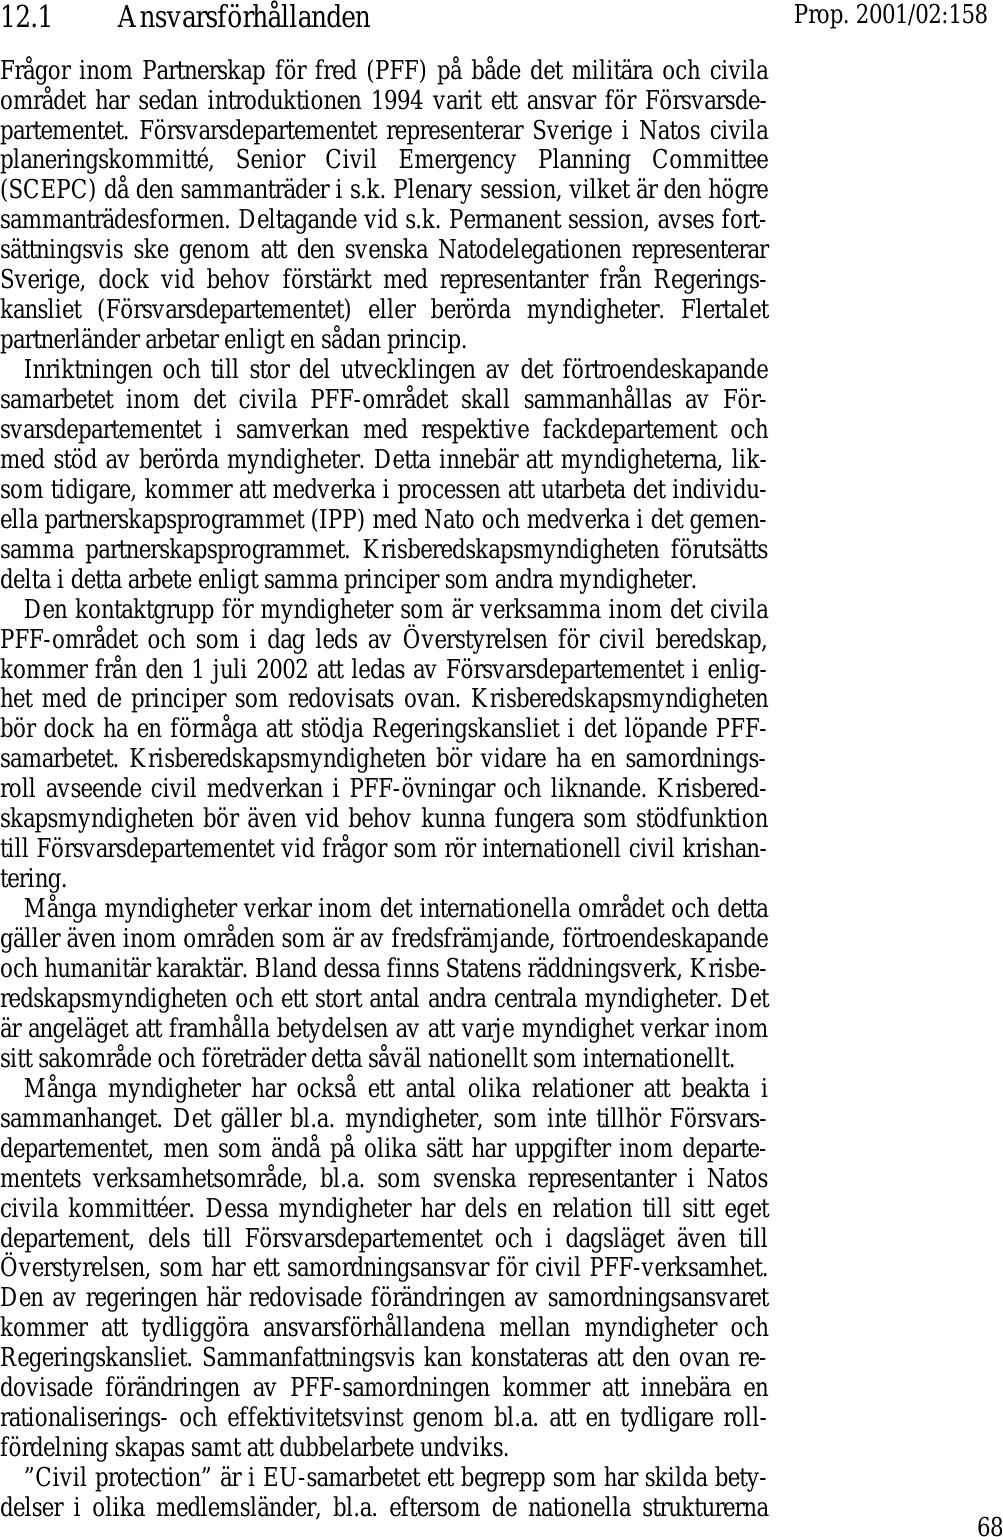 Fragor och svar 2001 12 02